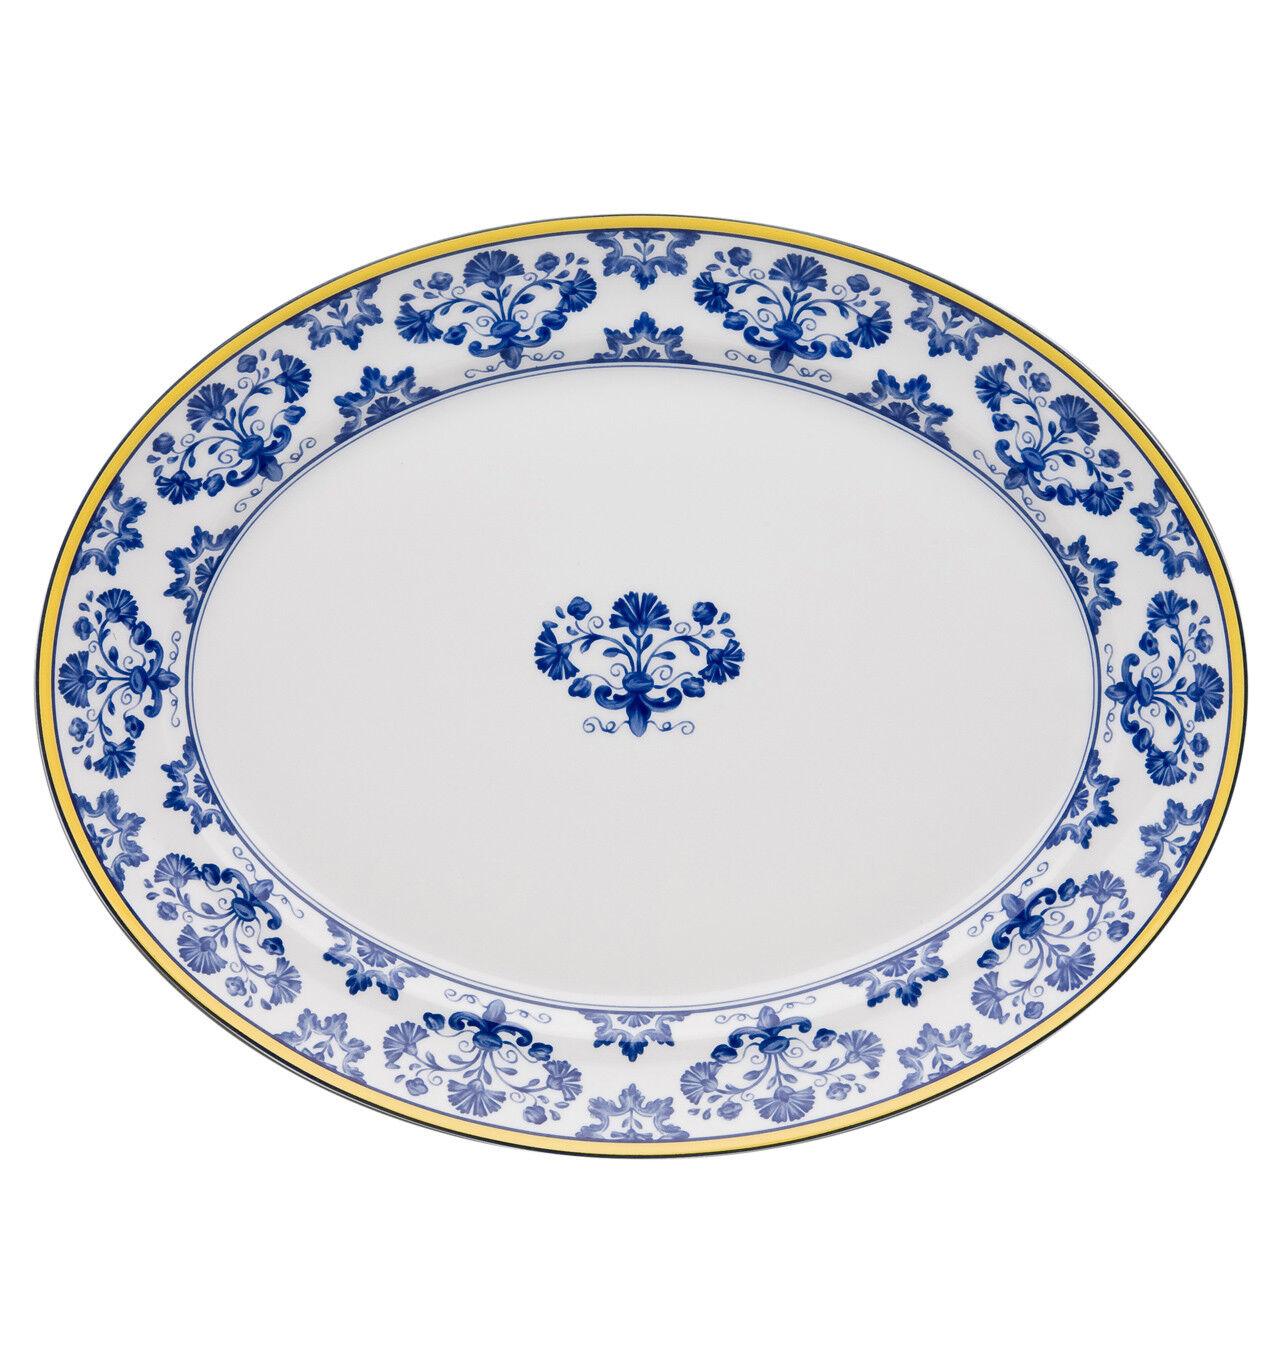 Vista Alegre Castelo Branco Mittelgroß Oval Platte - 2er Set | Online Outlet Shop